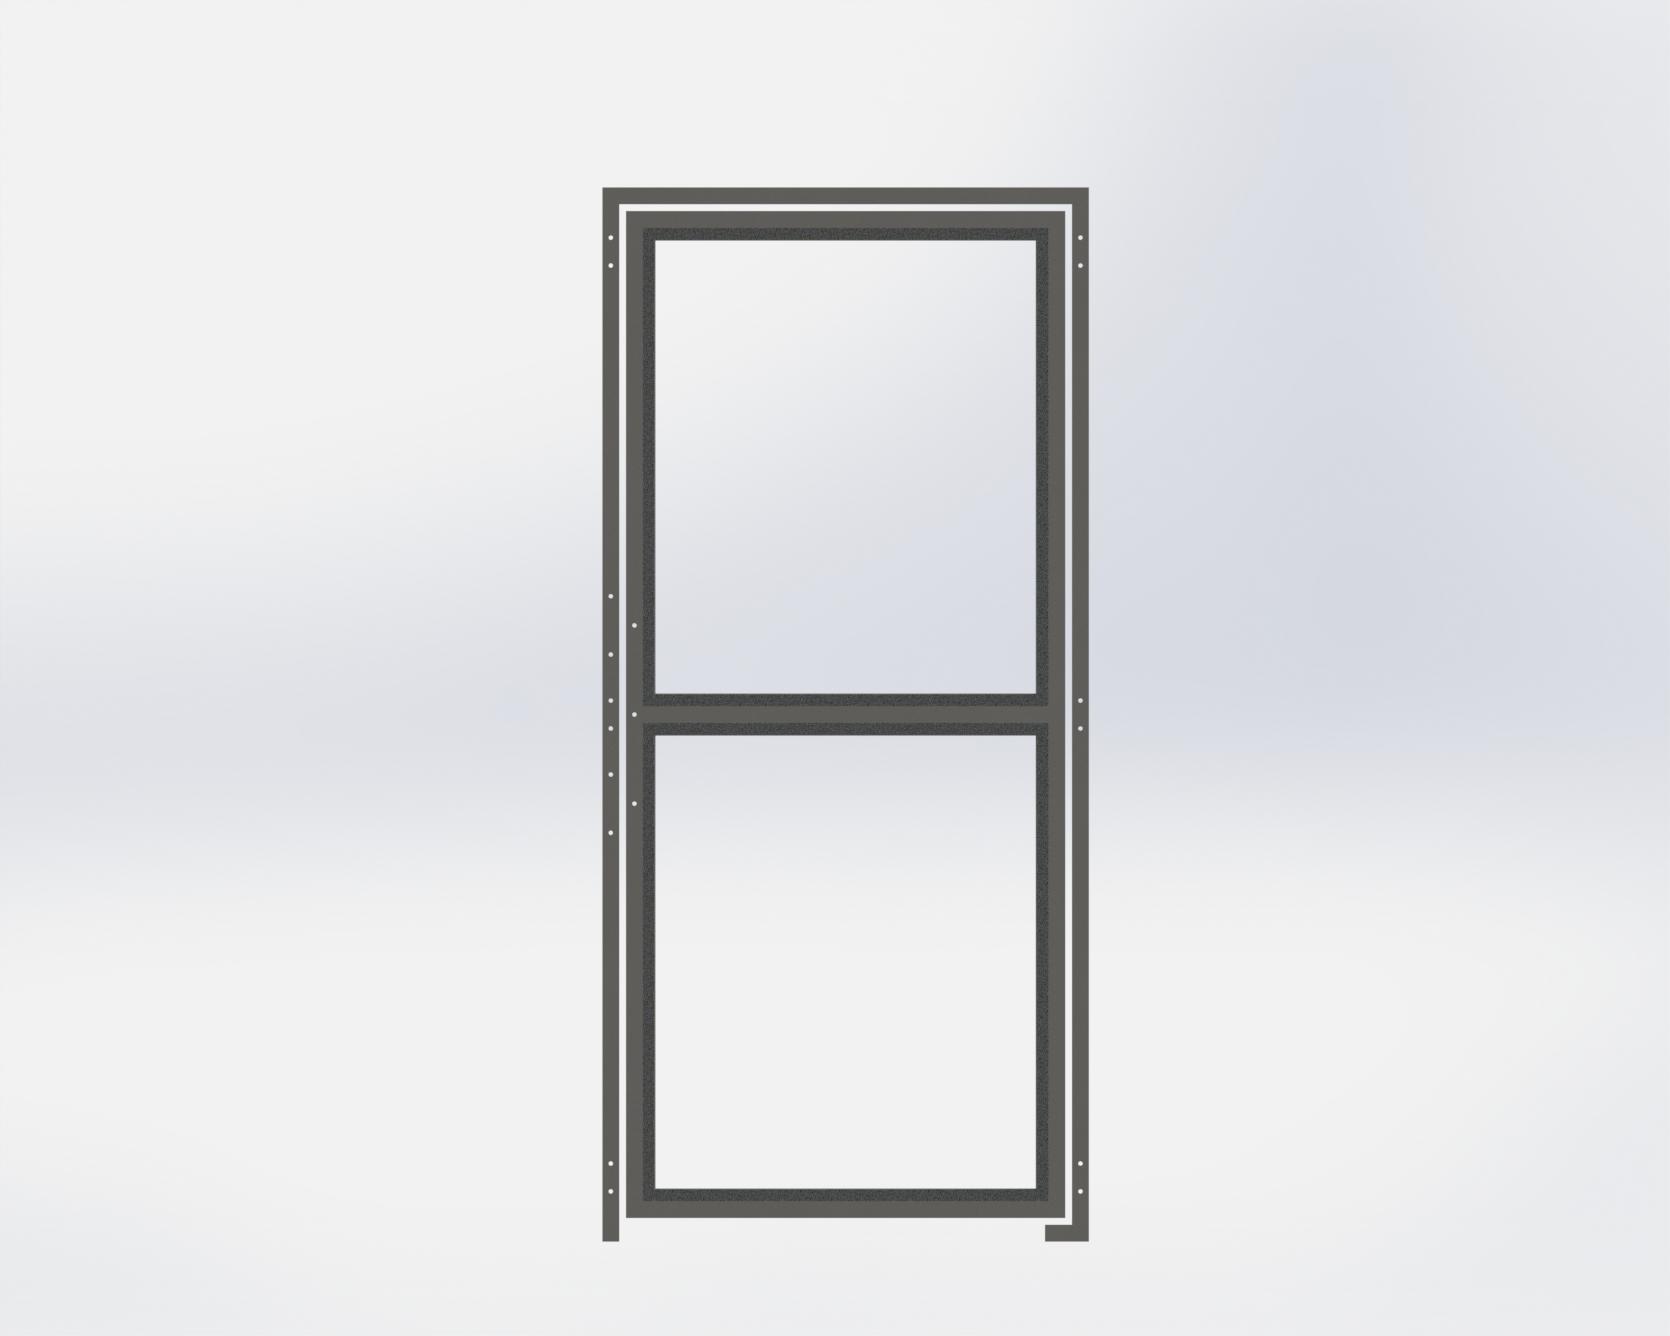 Run Gate,All Glass,914.4mm Wide x1981.2mm High,Left Hand